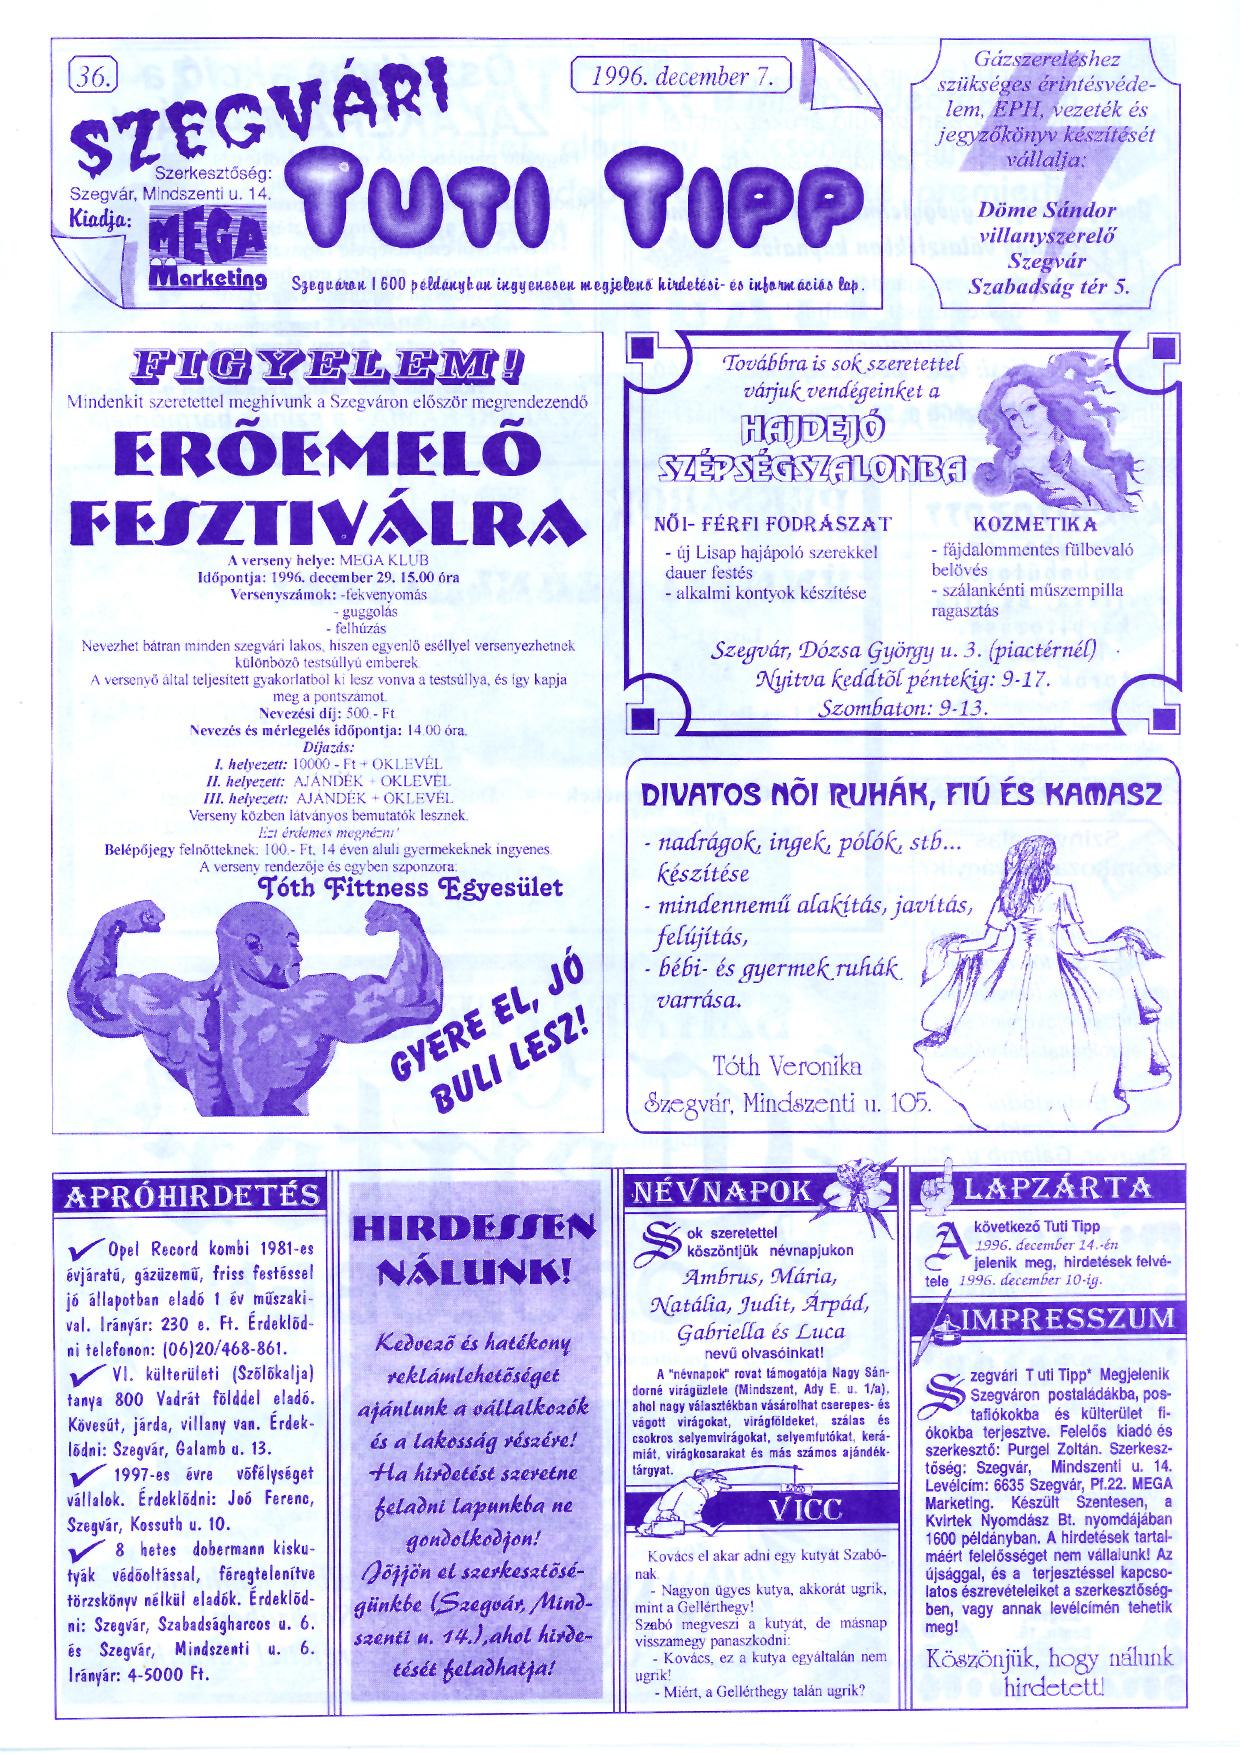 077 Szegvári Tuti Tipp reklámújság - 19961207-036. lapszám - 1.oldal - II. évfolyam.jpg